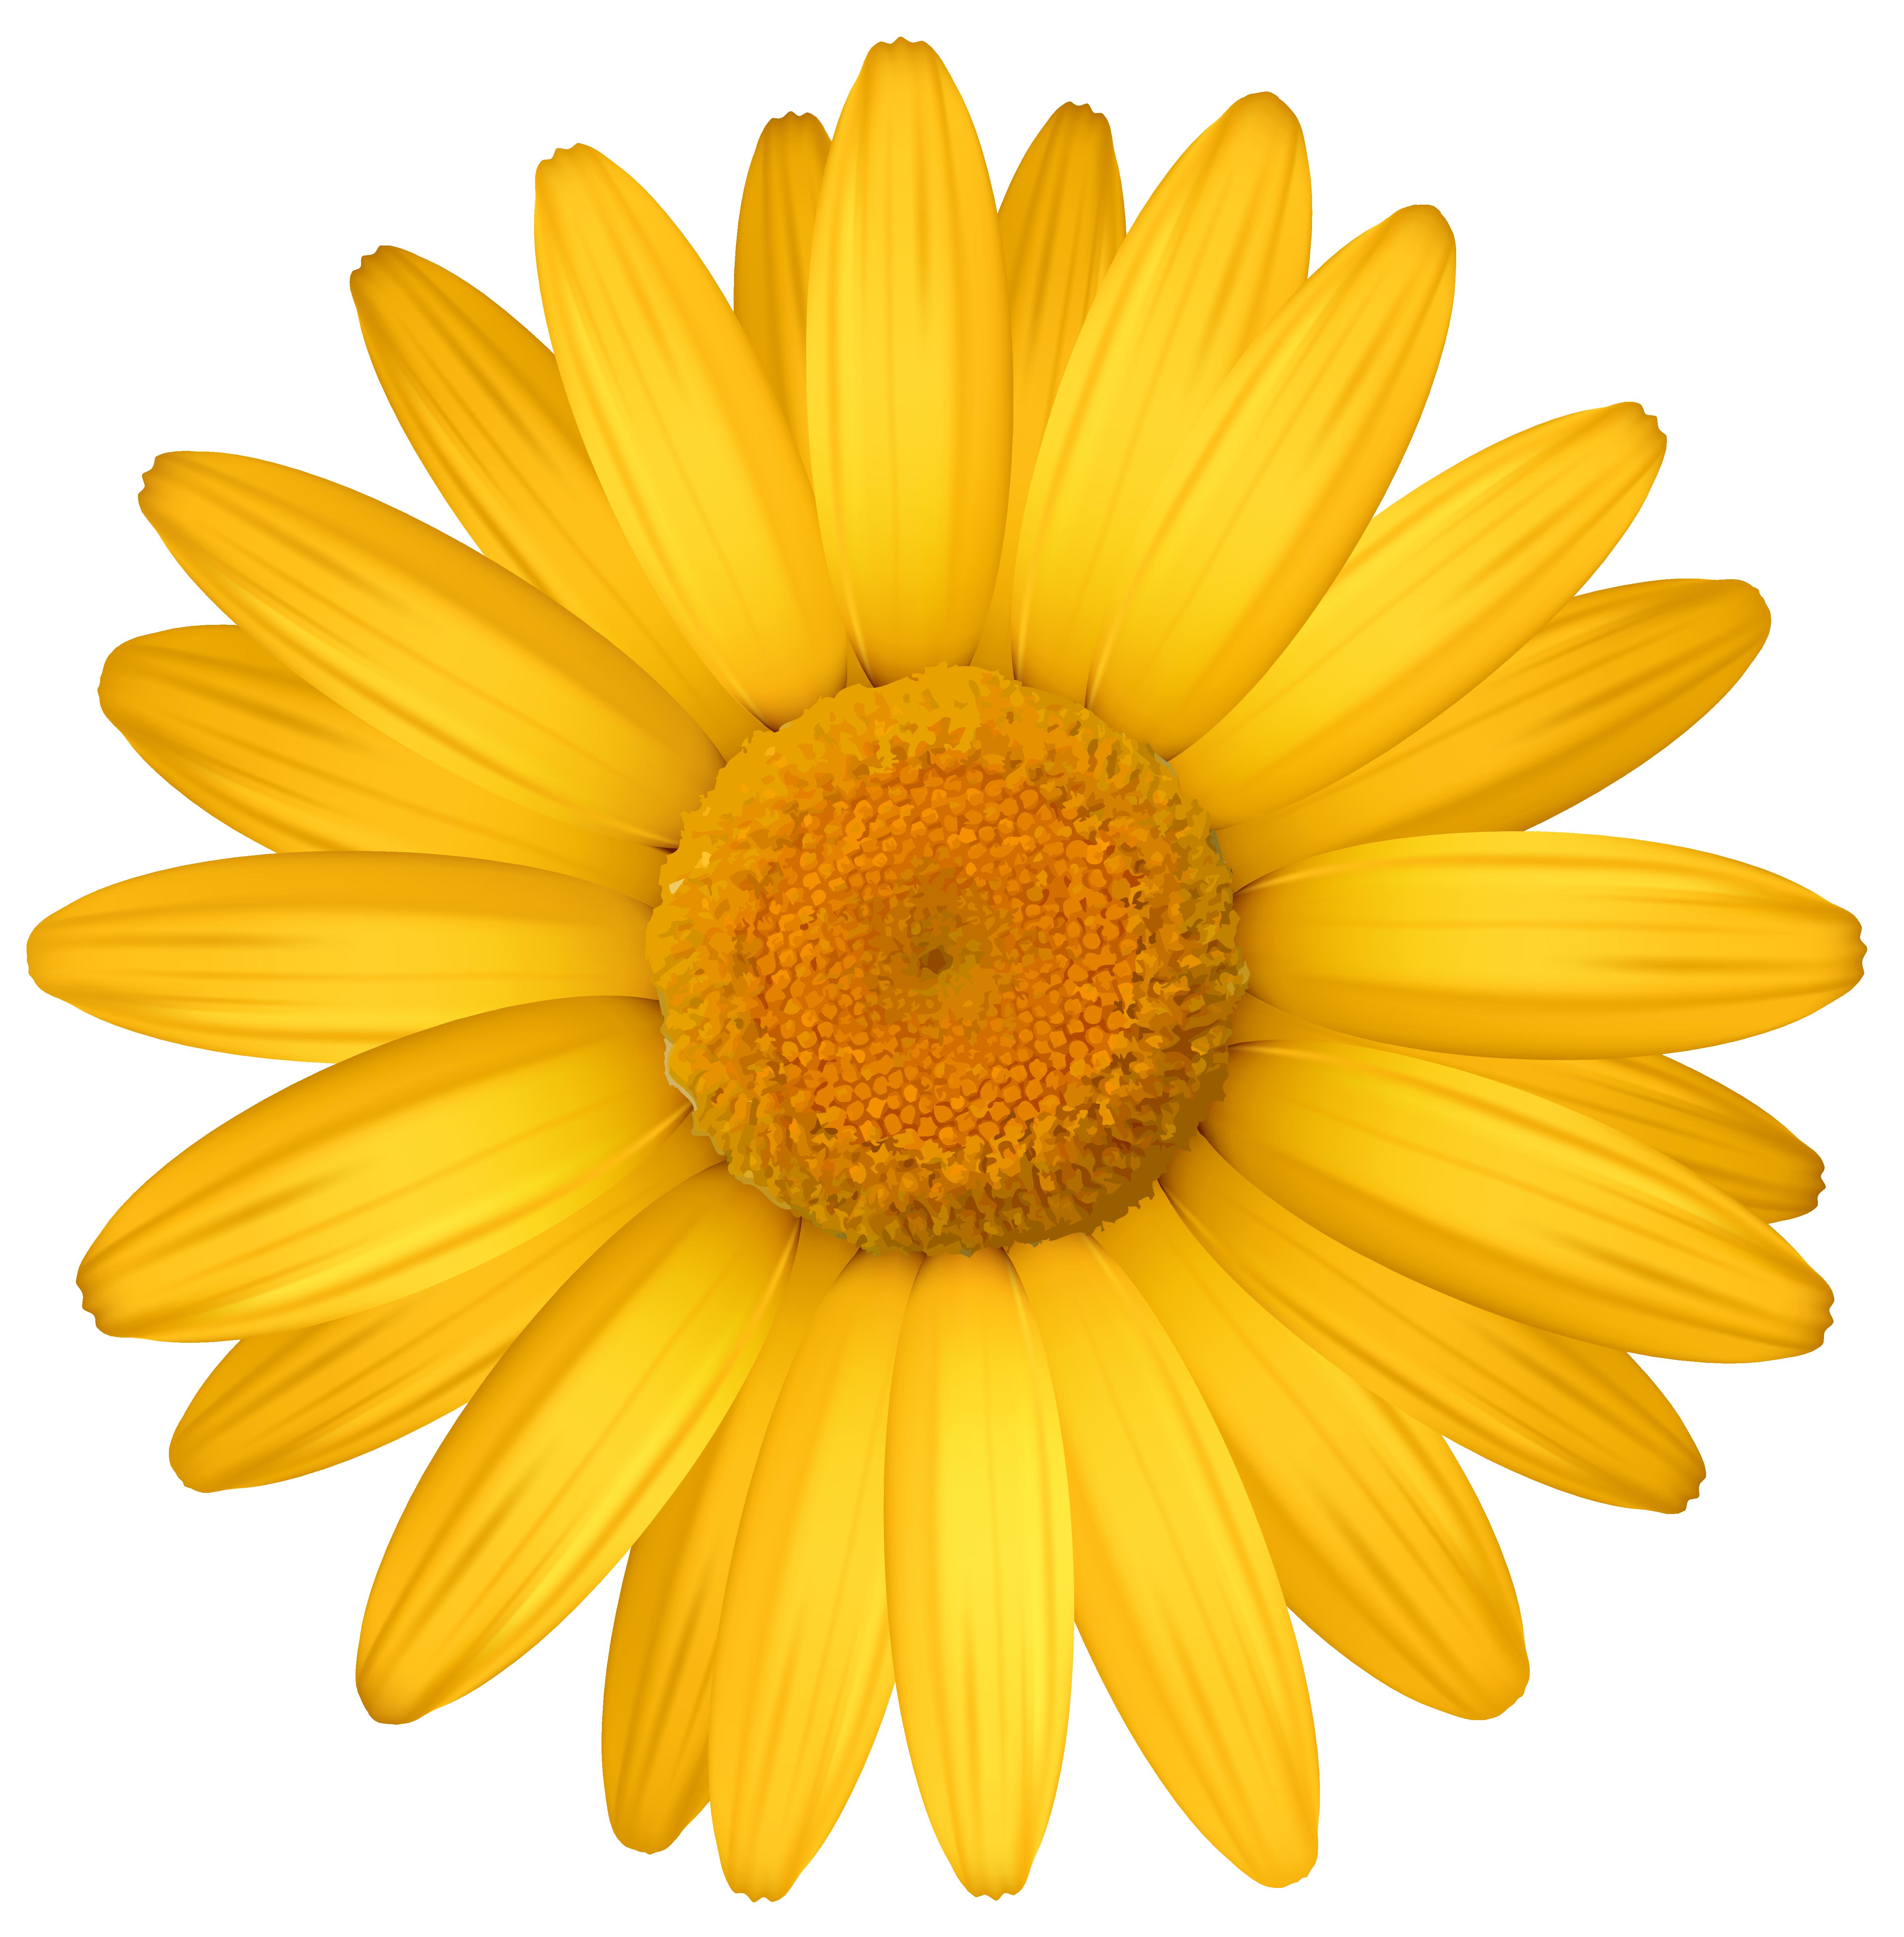 Yellow daisy clipart image.